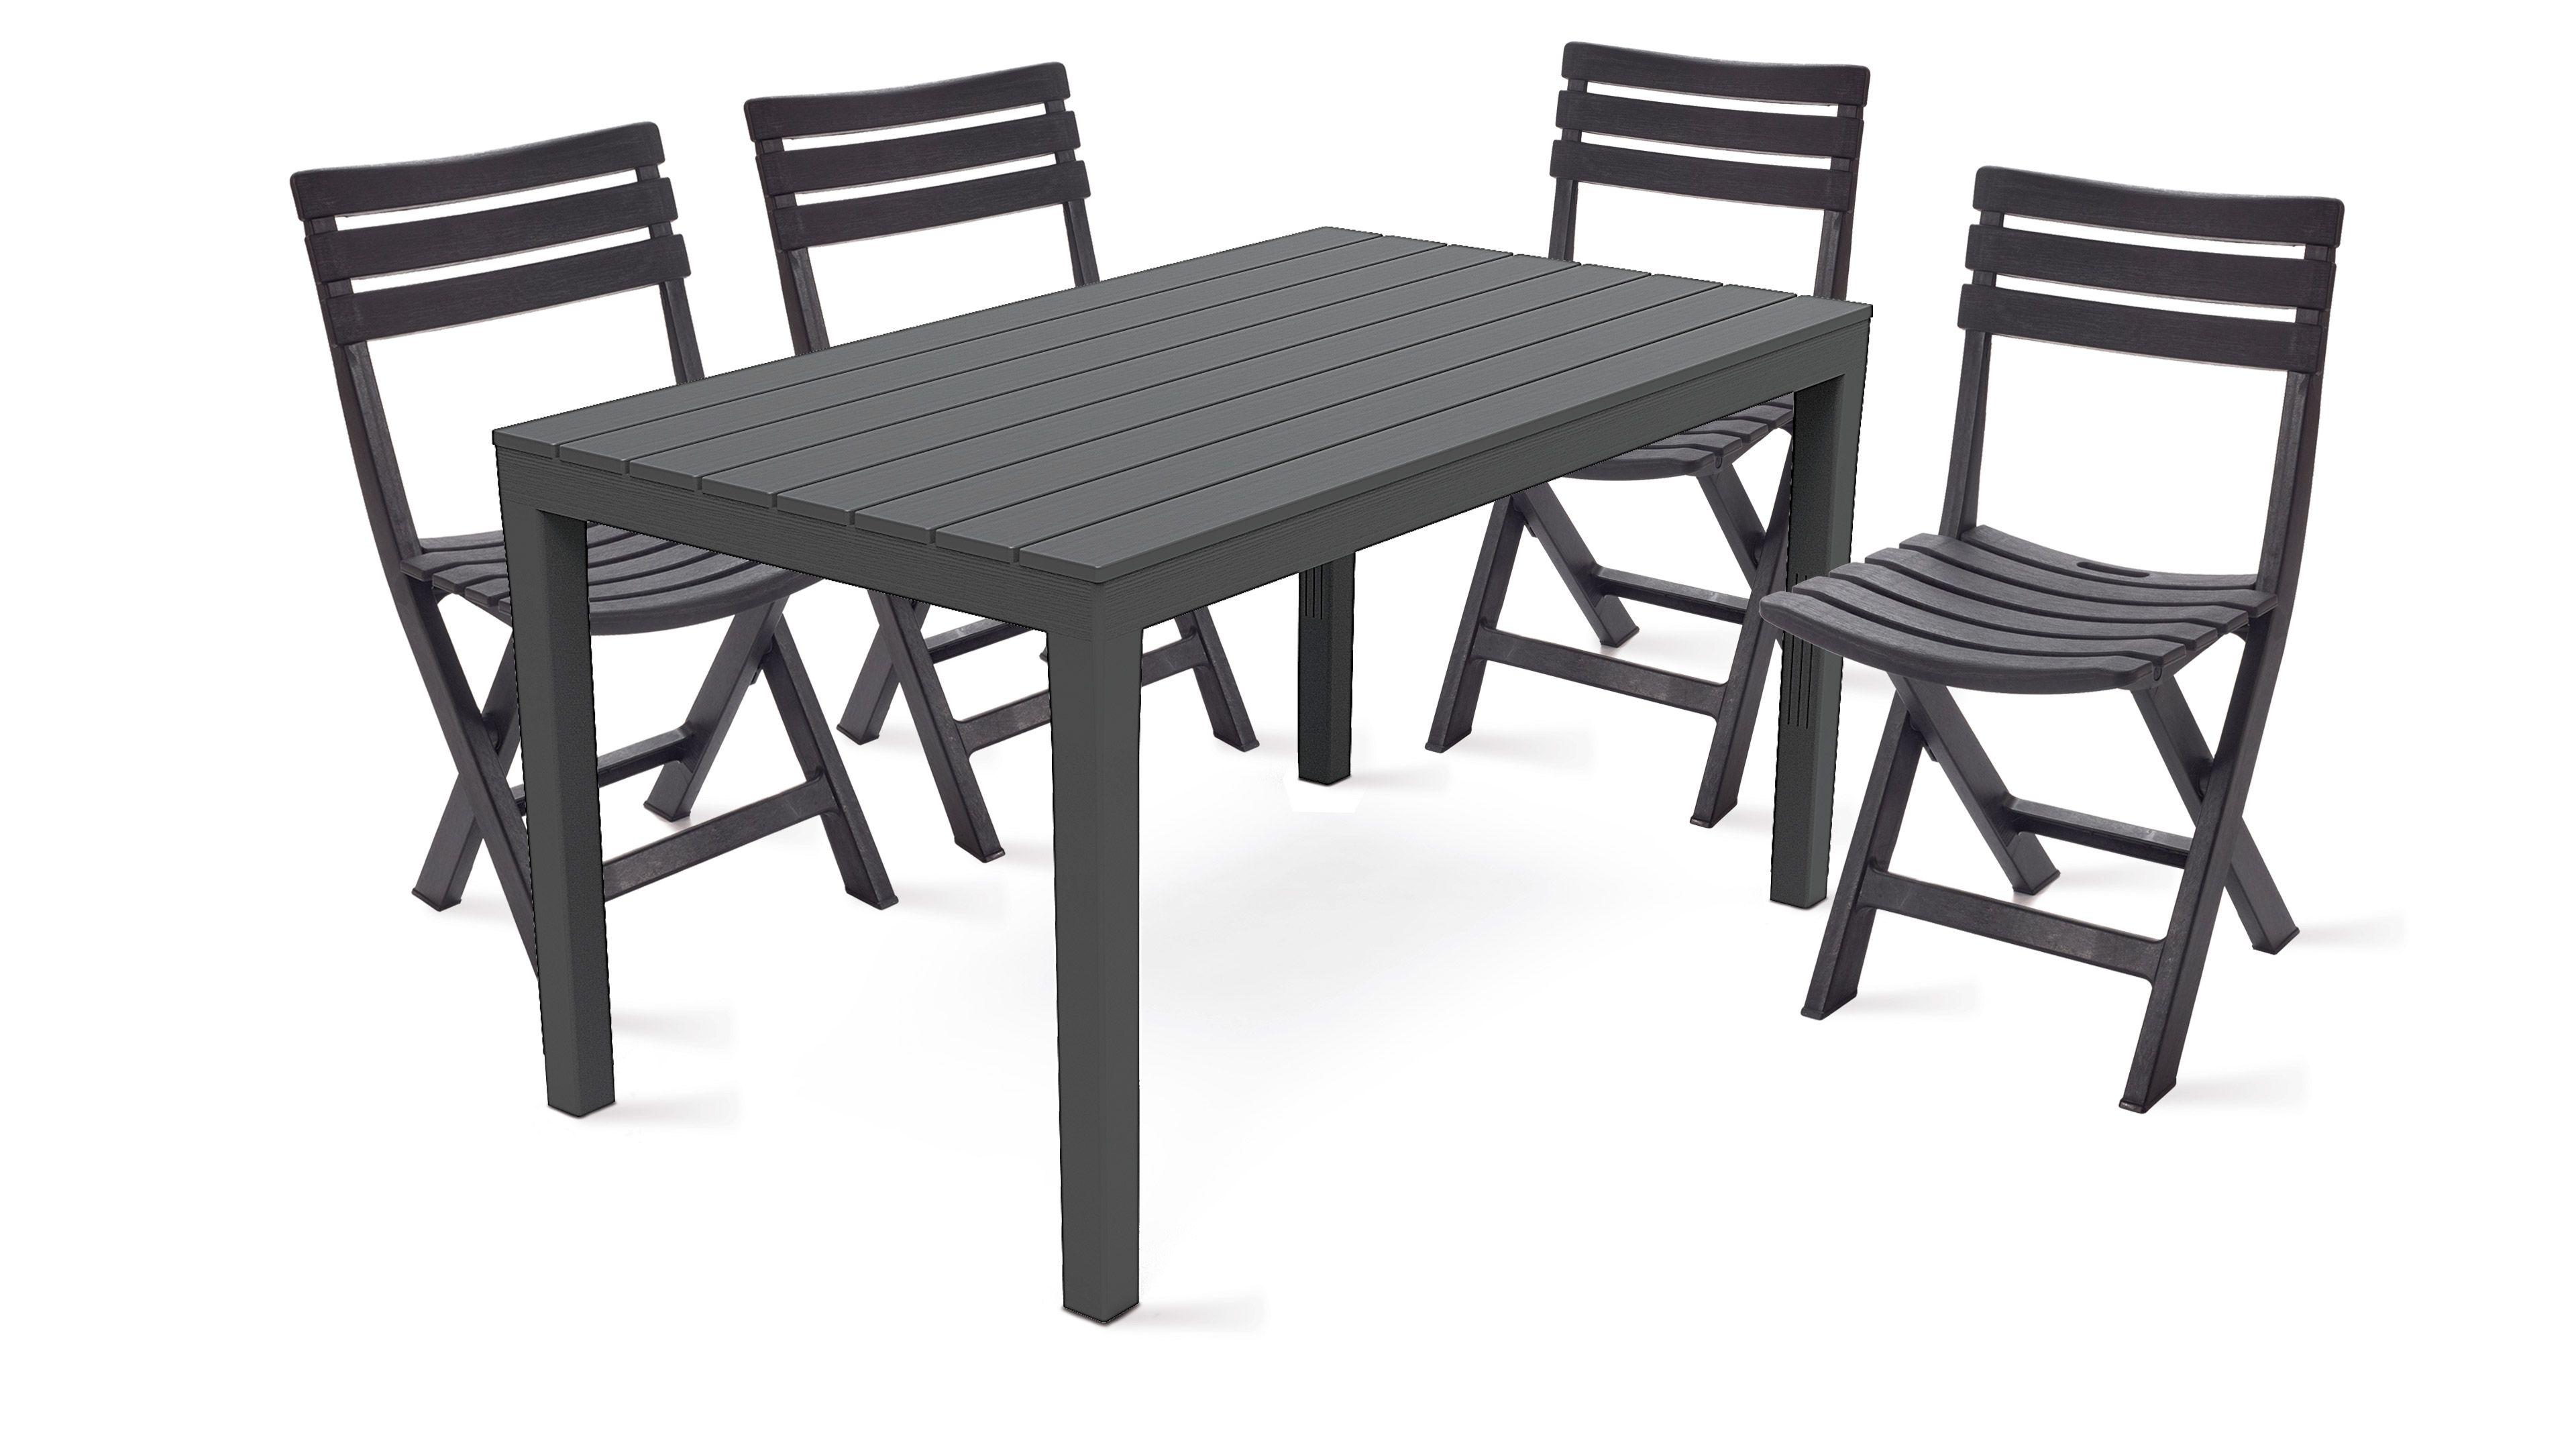 Ensemble table et chaise de jardin plastique - cuisine idconcept